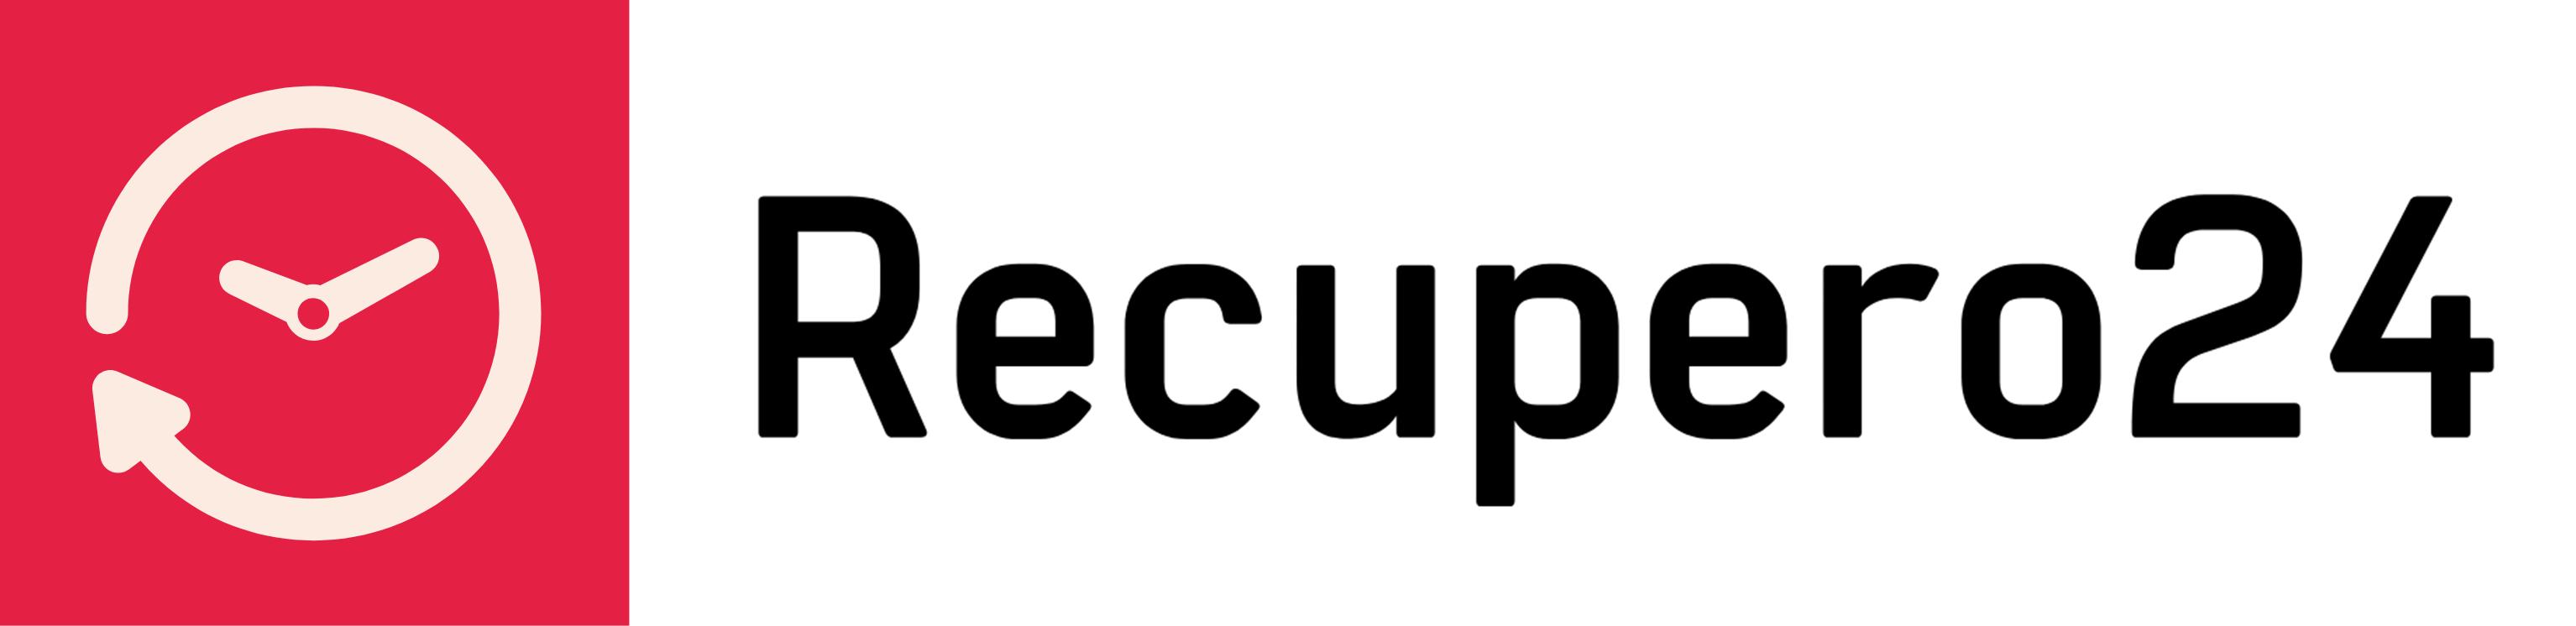 Recupero24